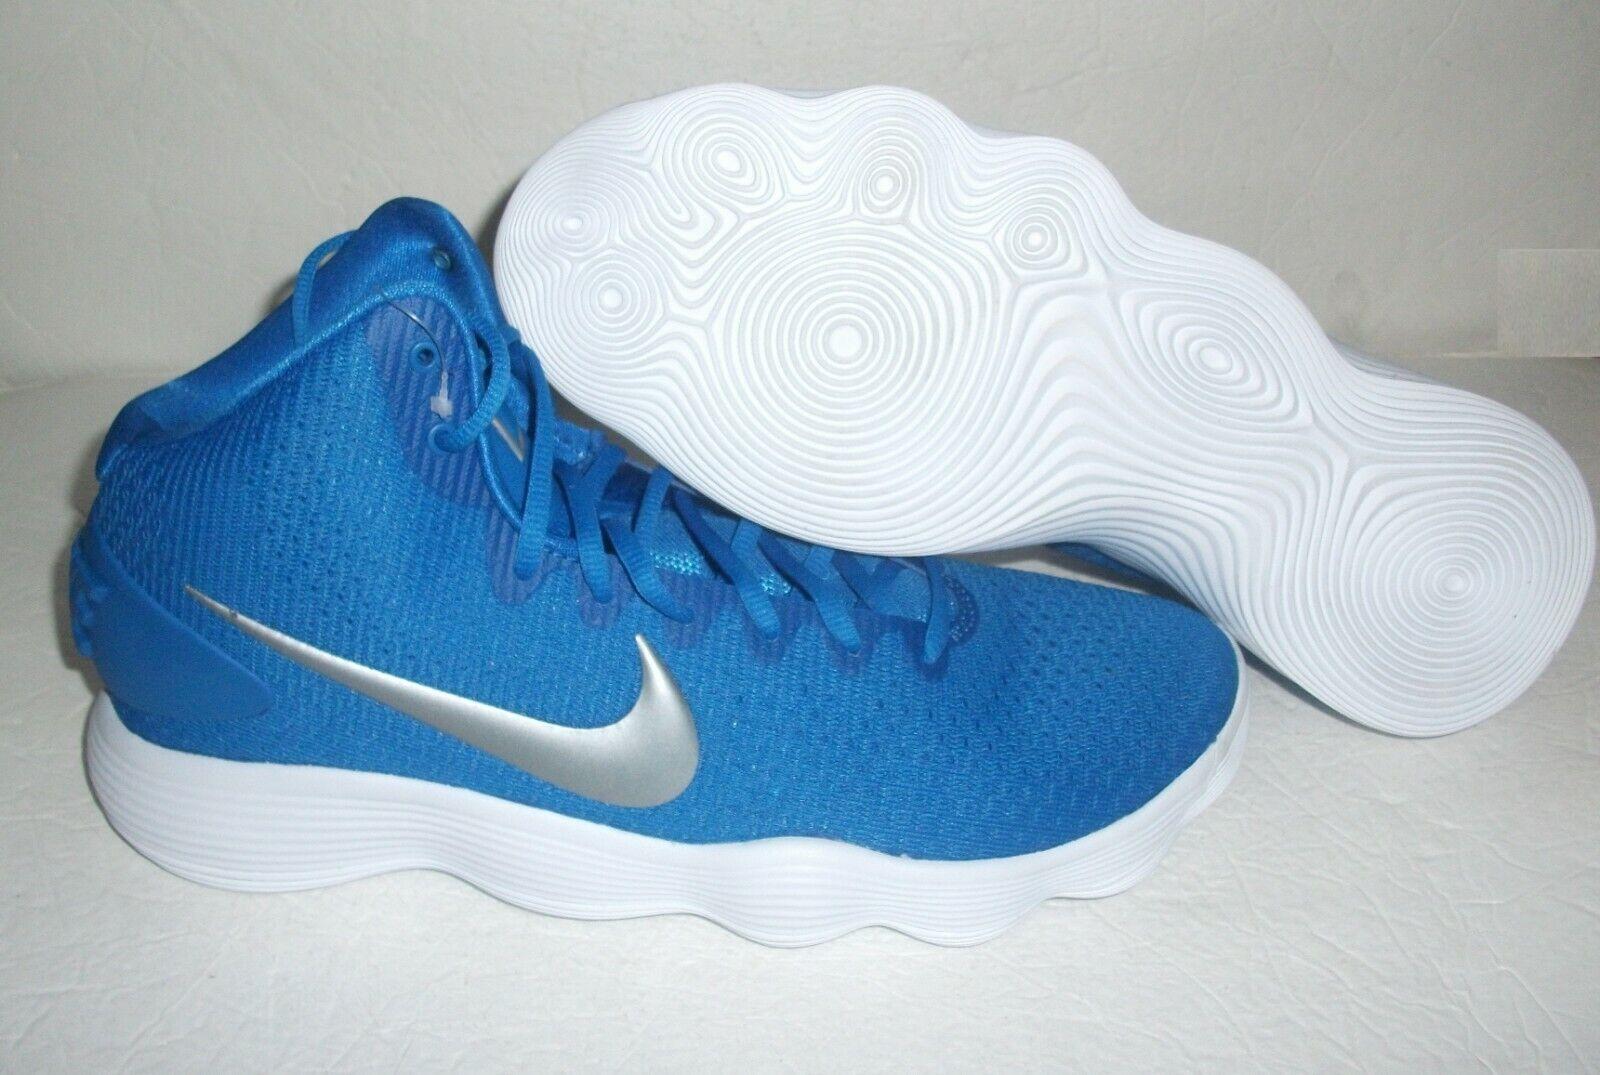 New Nike Hyperdunk 2017, Men's Size 12.5, bluee White, 942571-407 Basketball